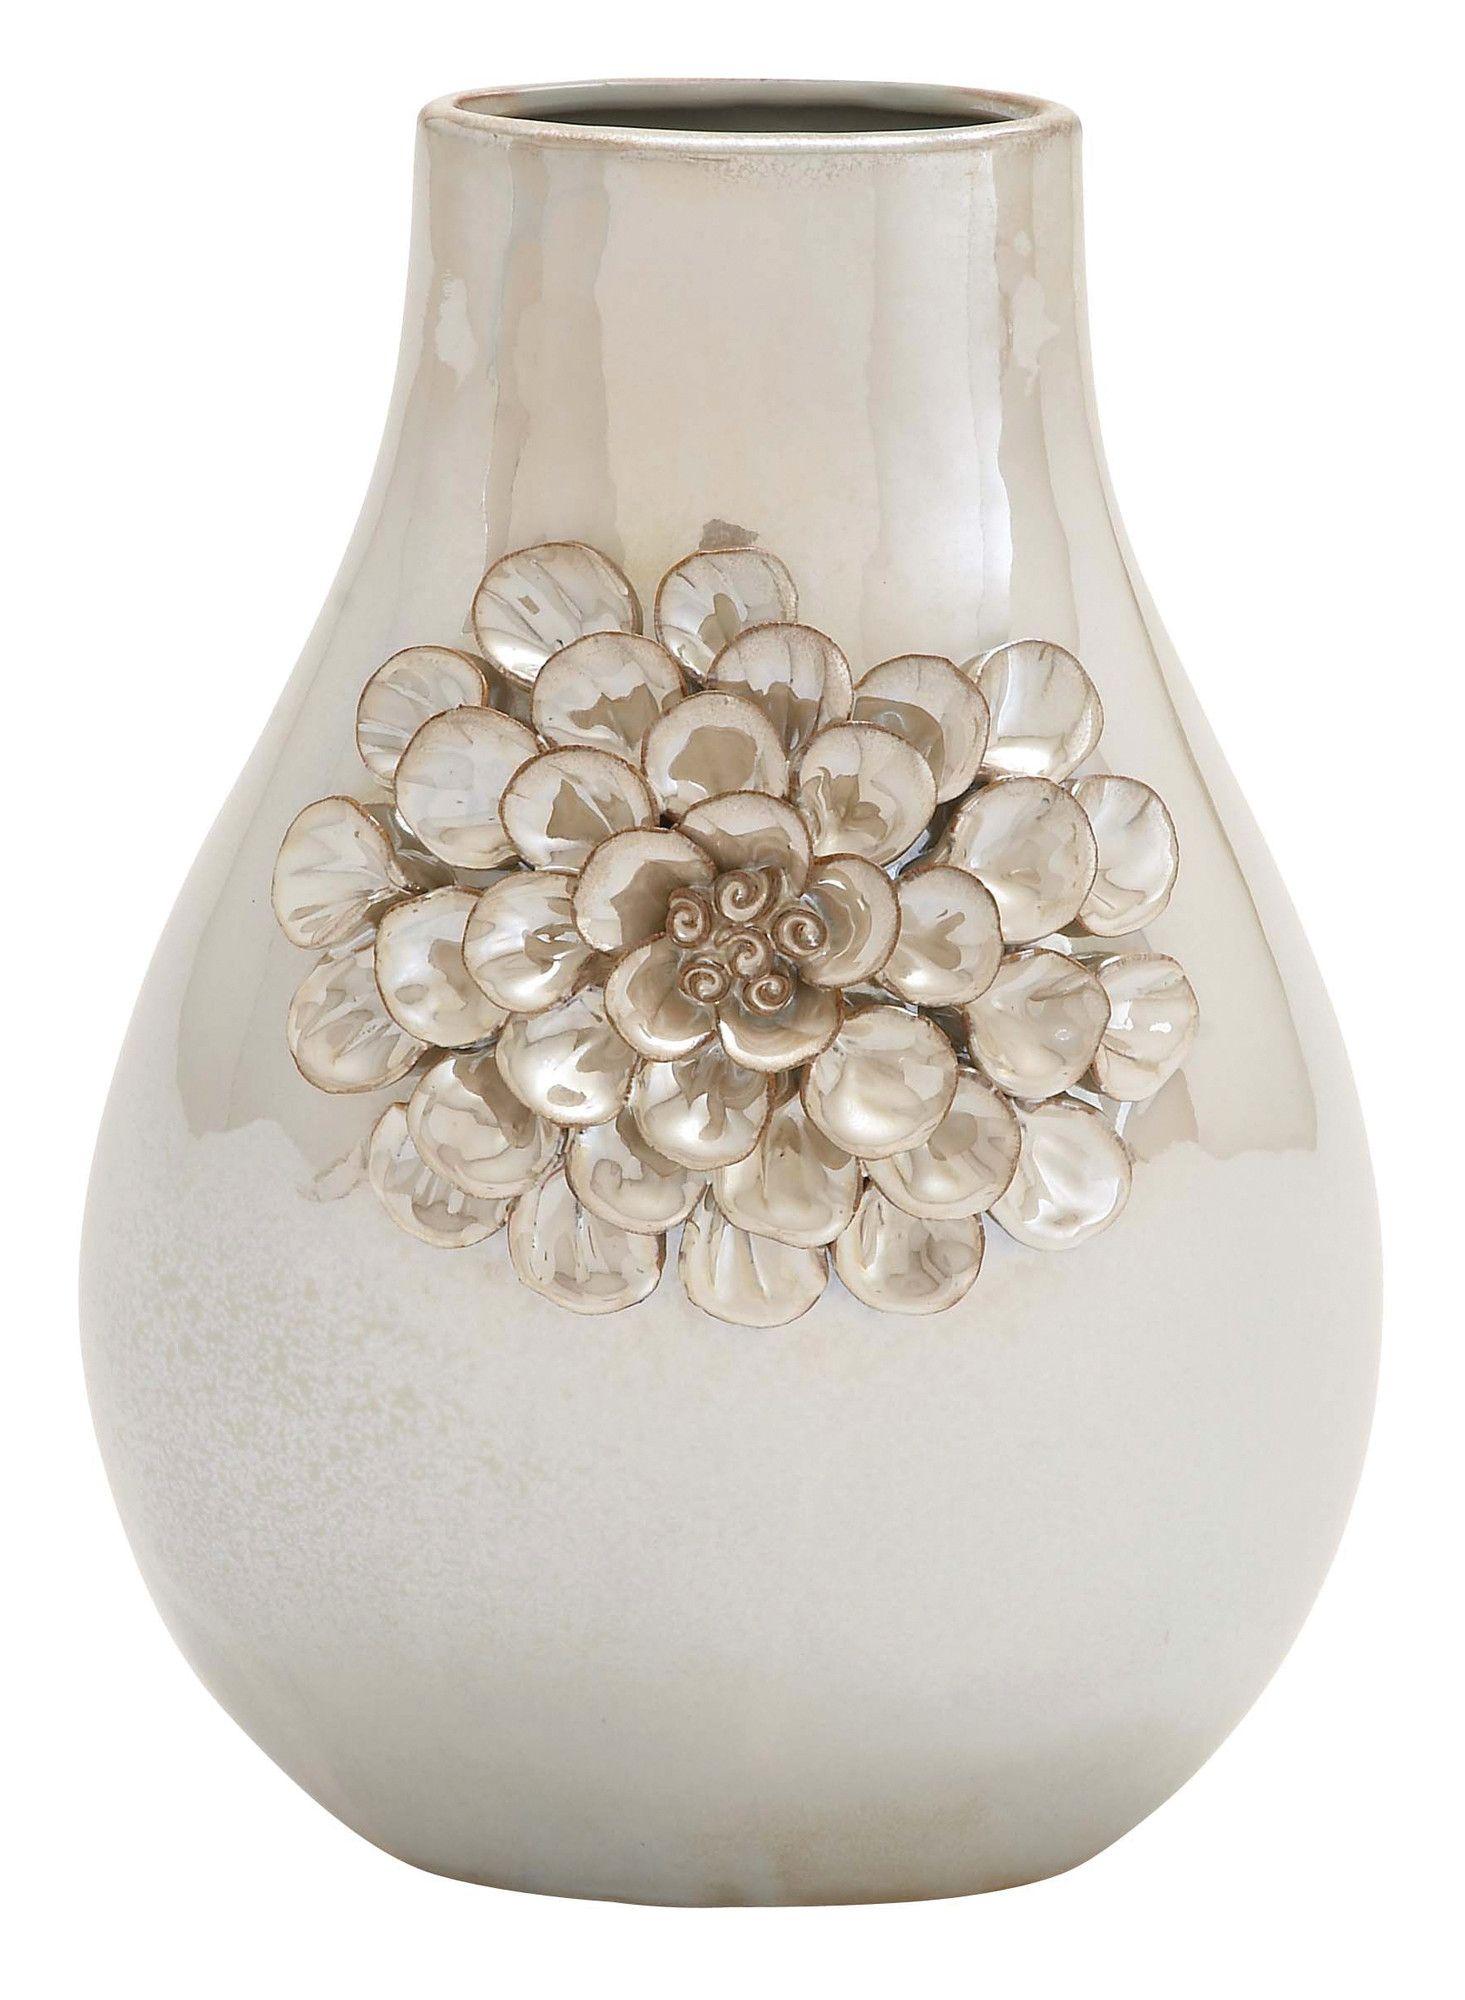 Ceramic decorative vase decorative vases and products ceramic decorative vase reviewsmspy